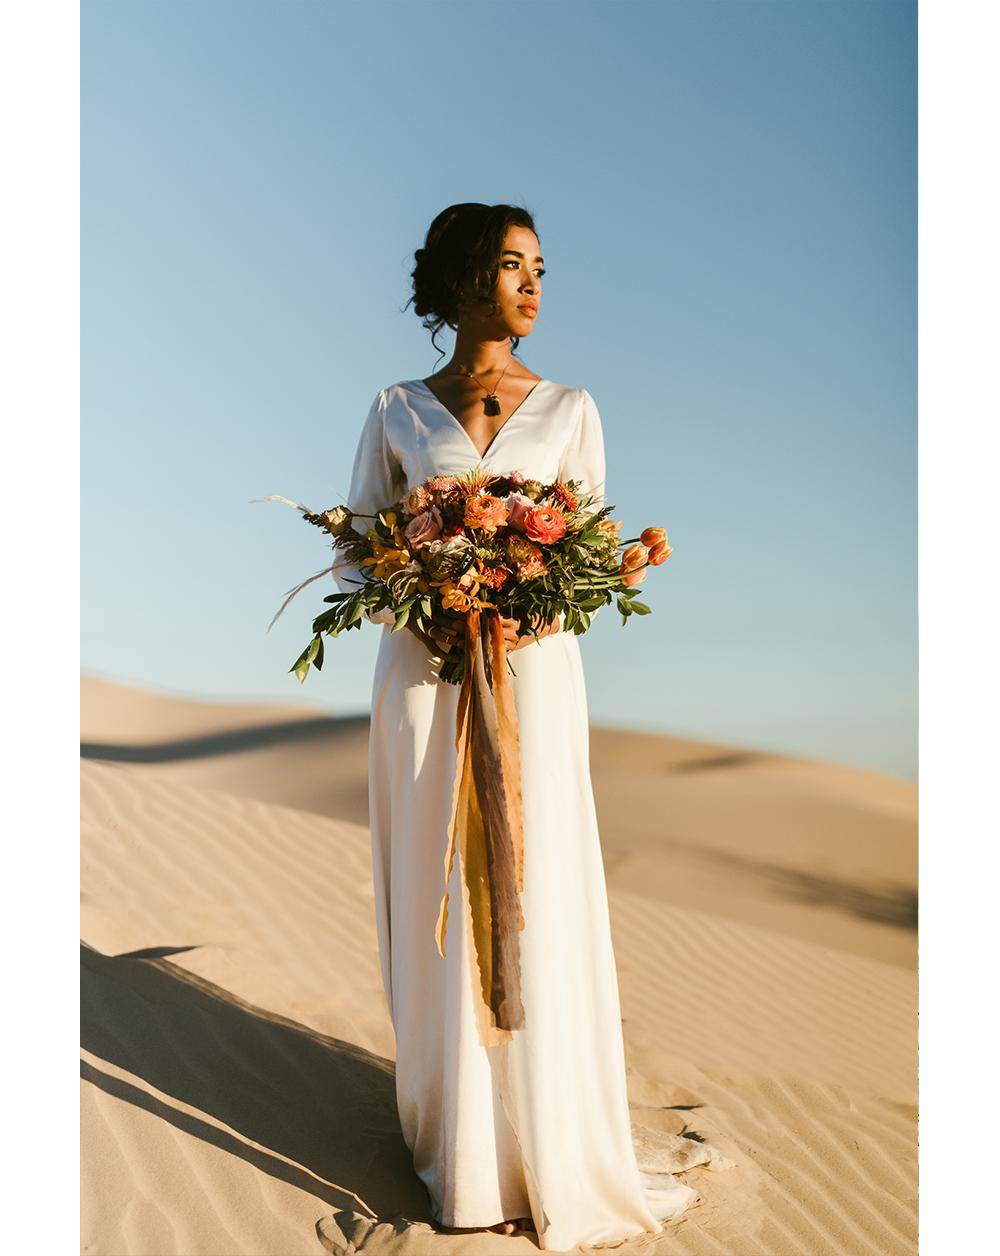 Frida enamorada boda en el desierto de baja california mexico 20.png